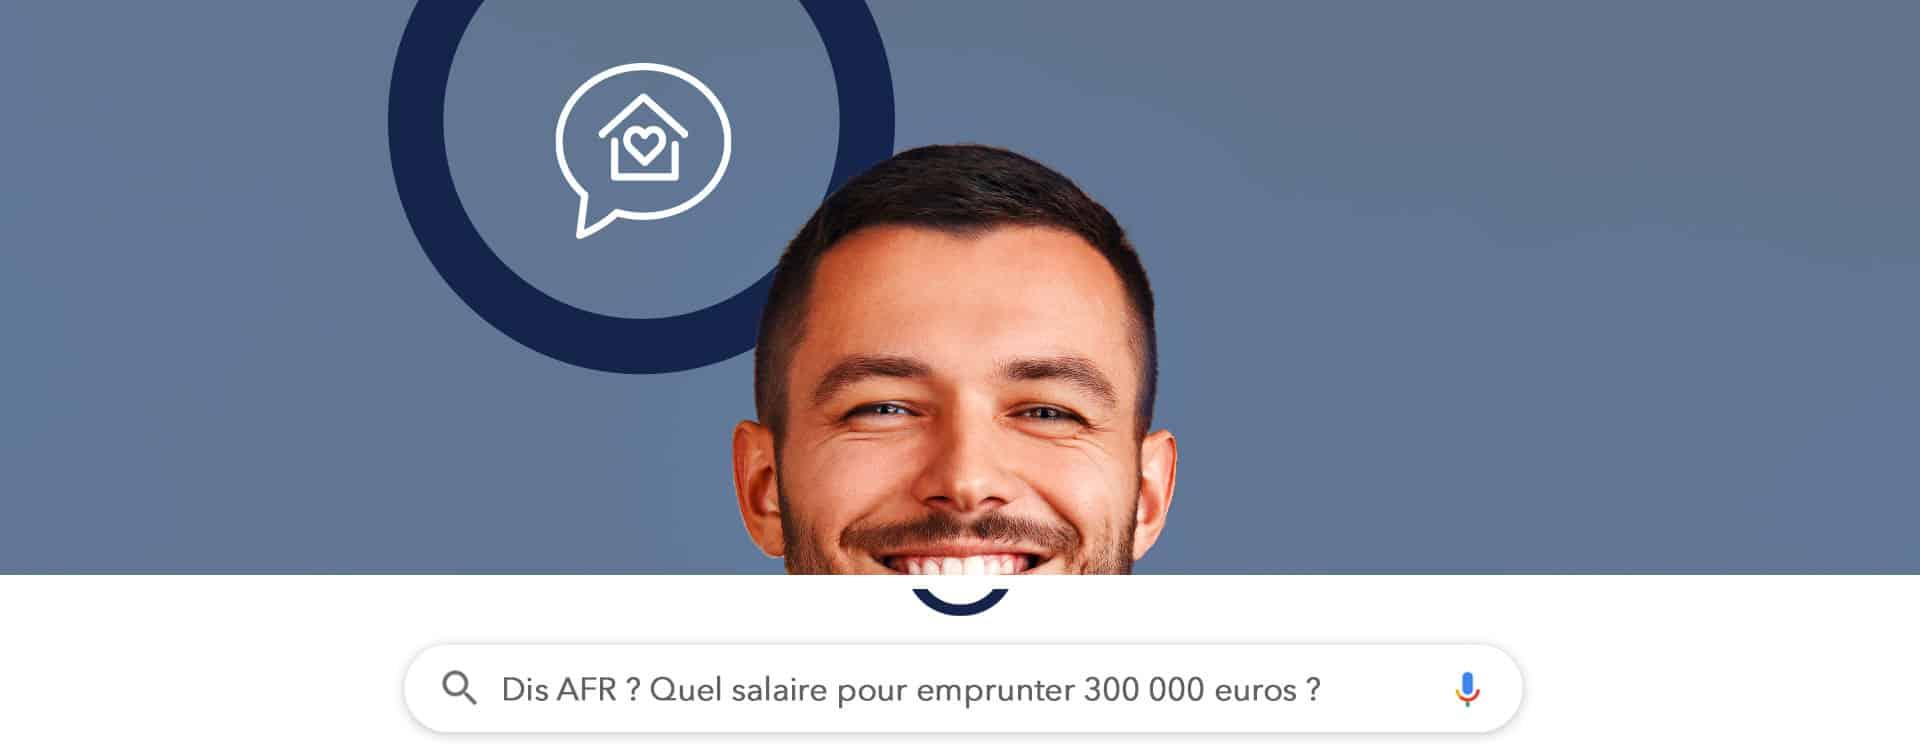 Quel salaire pour emprunter 300 000 euros sur 25 ans ?